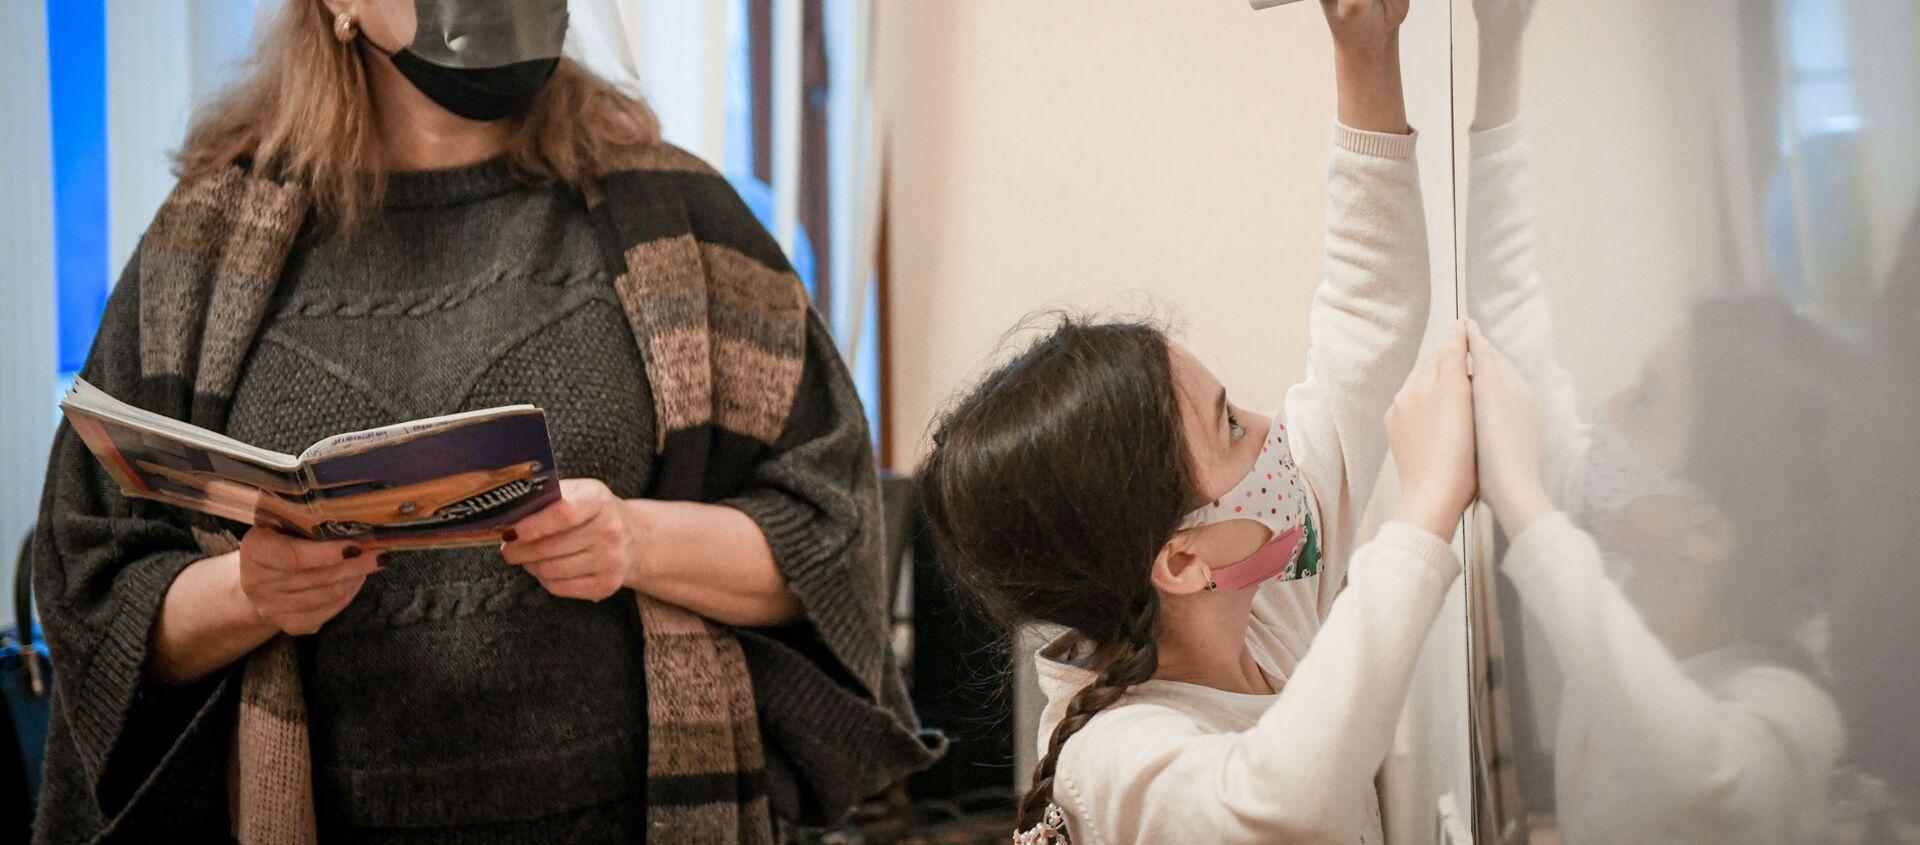 Возобновление очных занятий в бакинских школах, 1 февраля 2021 года - Sputnik Азербайджан, 1920, 02.02.2021